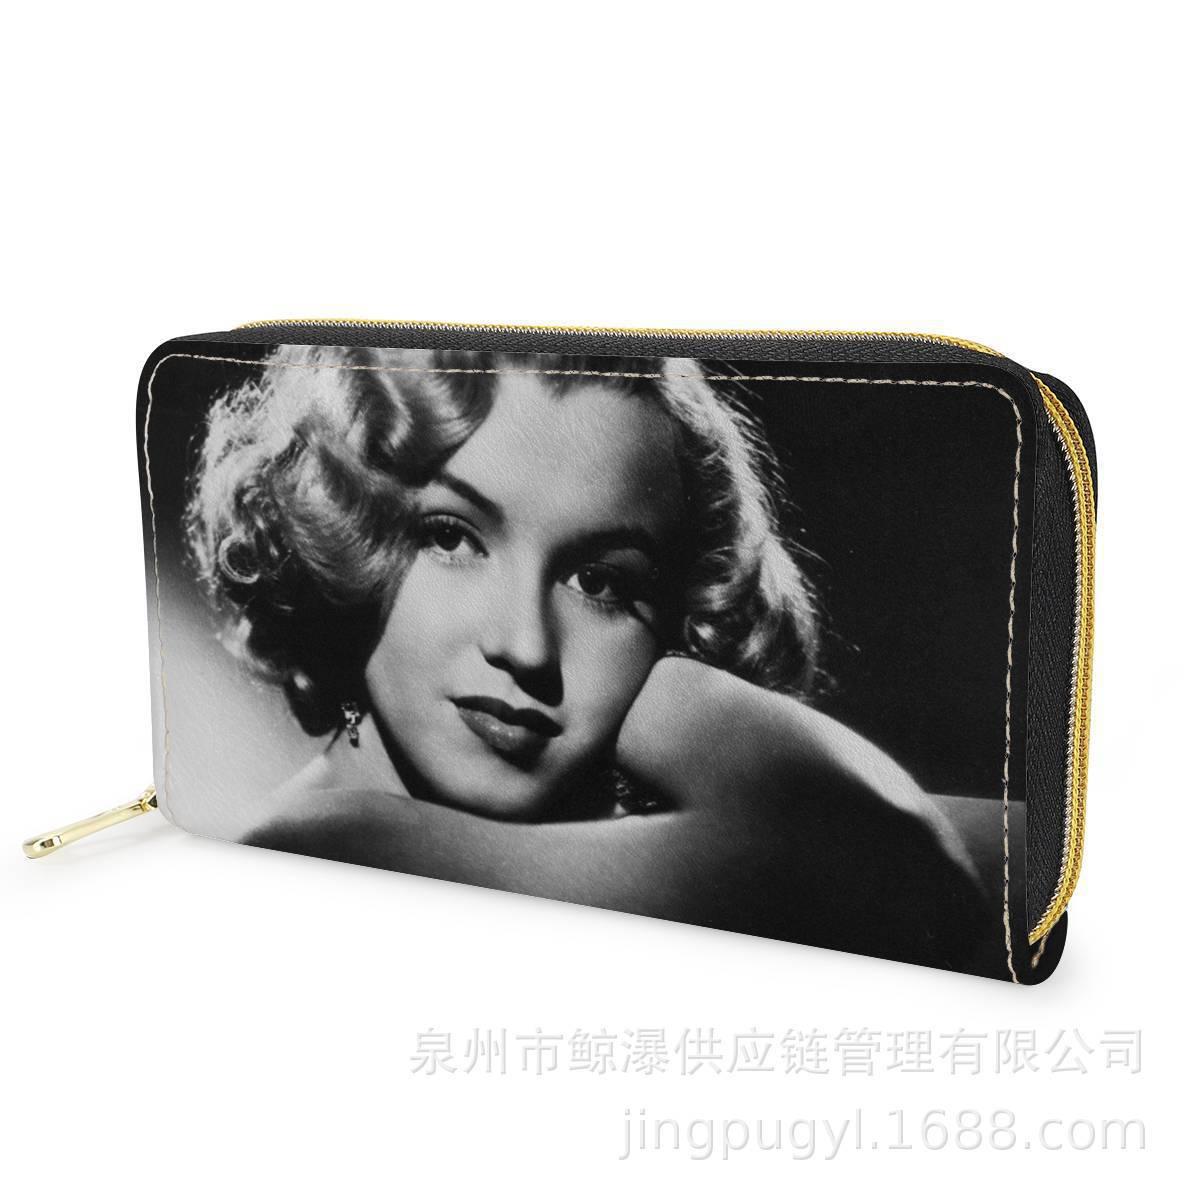 Marilyn Monroe Marilyn Monroe Figure WOMEN'S Long Wallet Pu Multi-functional Clutch Bag